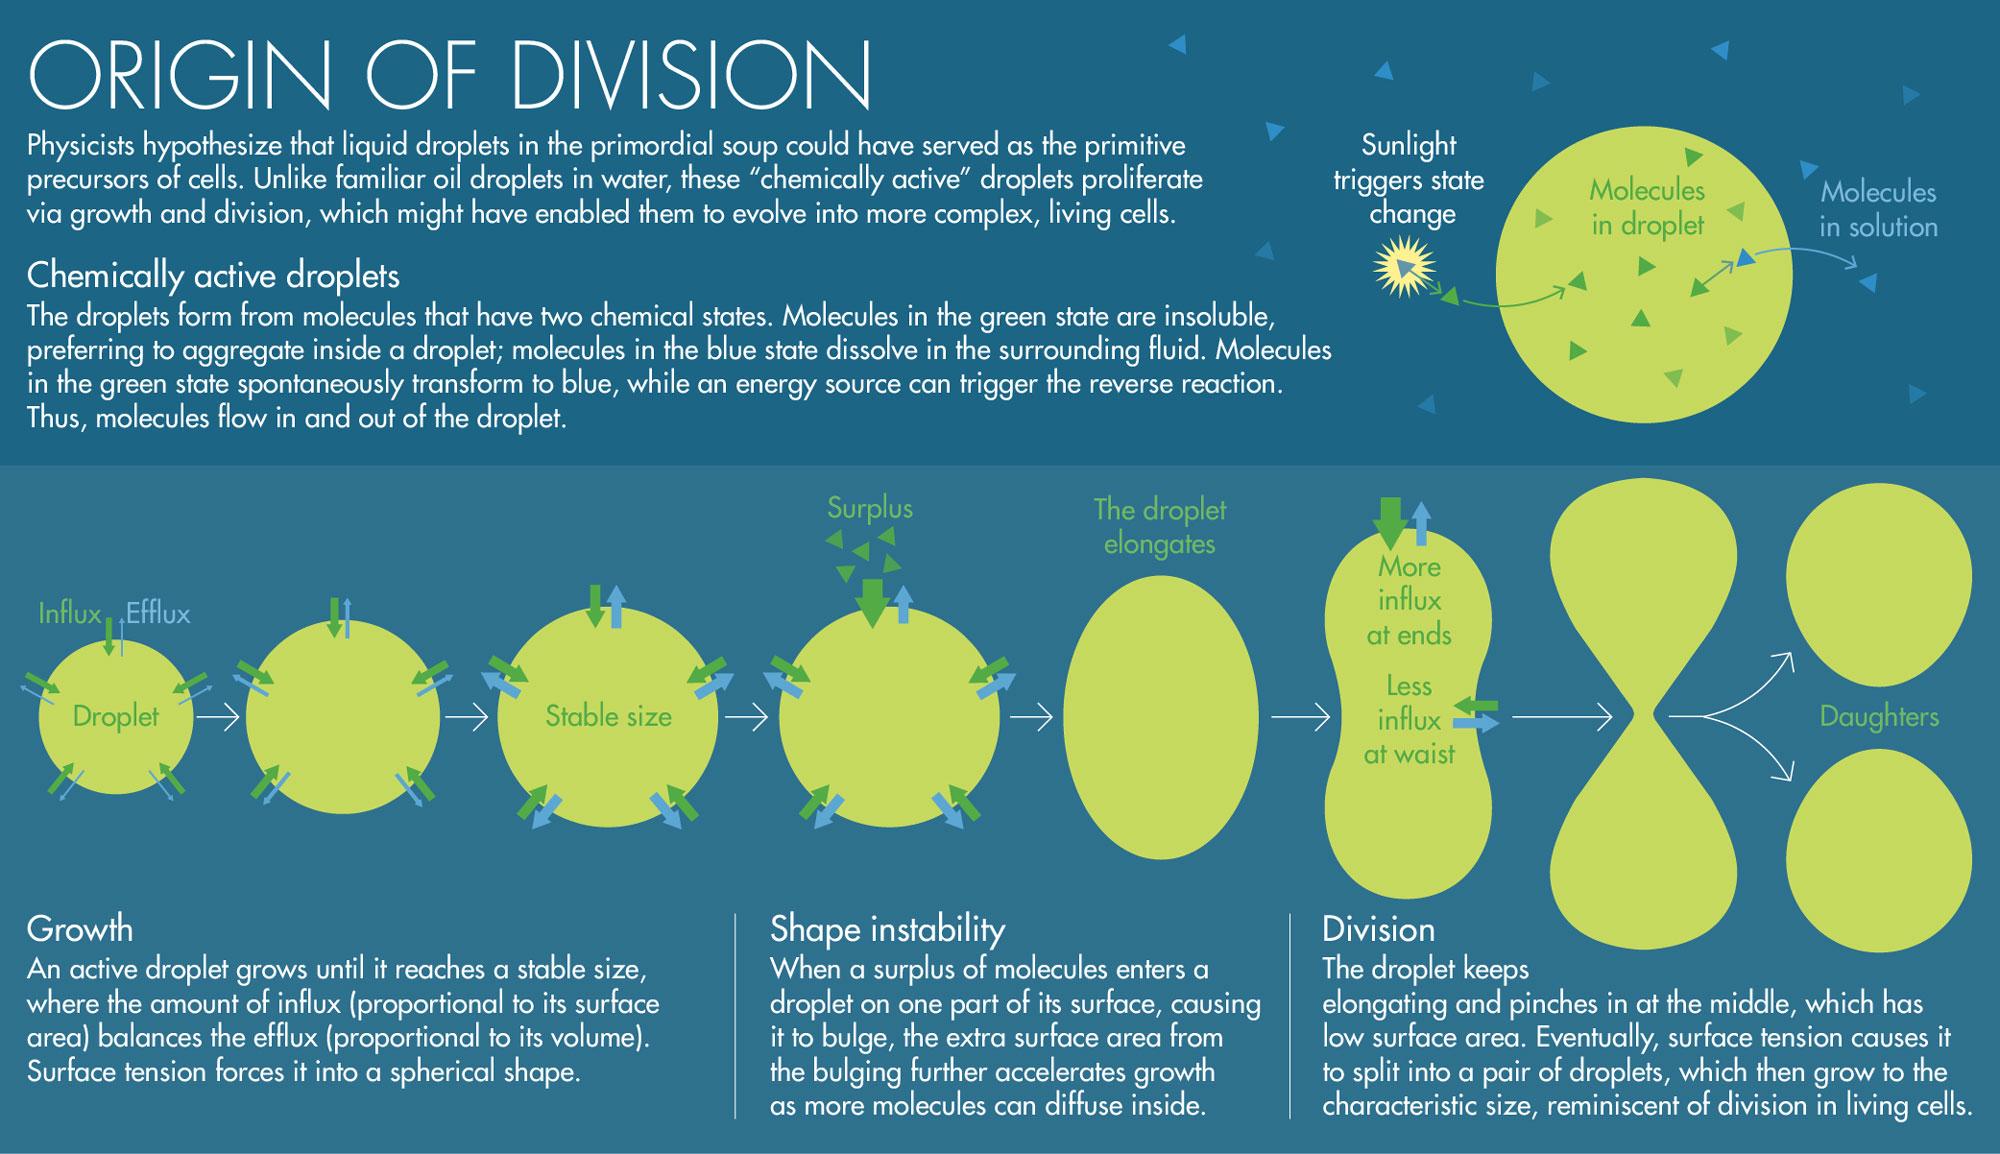 Dividing Droplets Could Explain Life's Origin